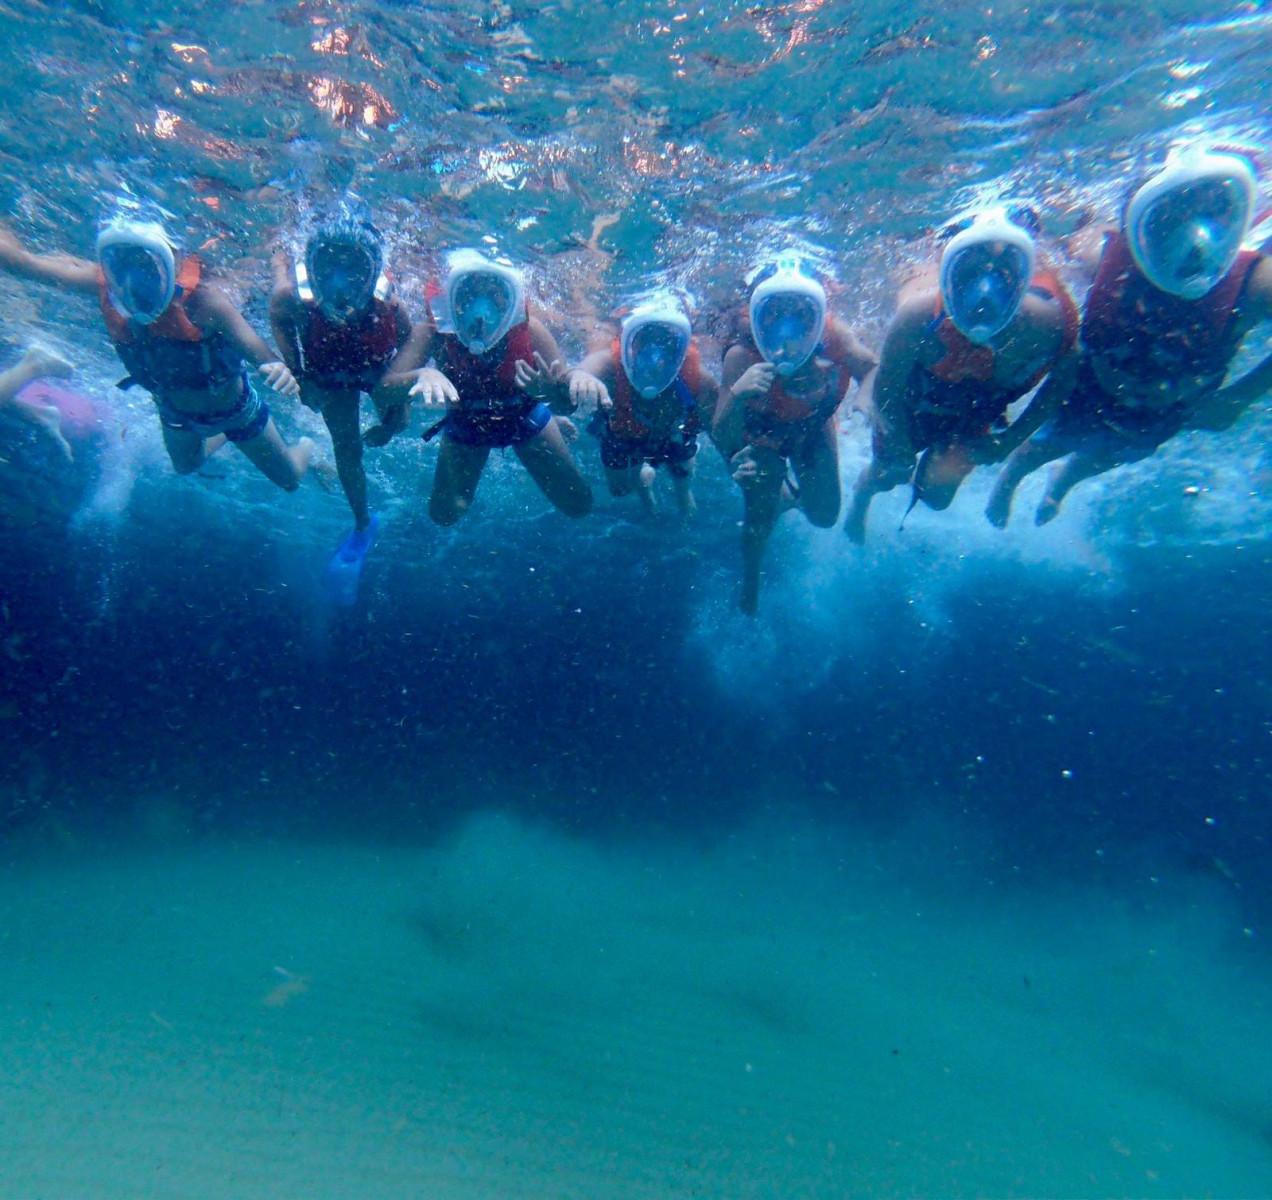 Escursione in barca e snorkeling nella Grotta Azzurra di Sperlonga